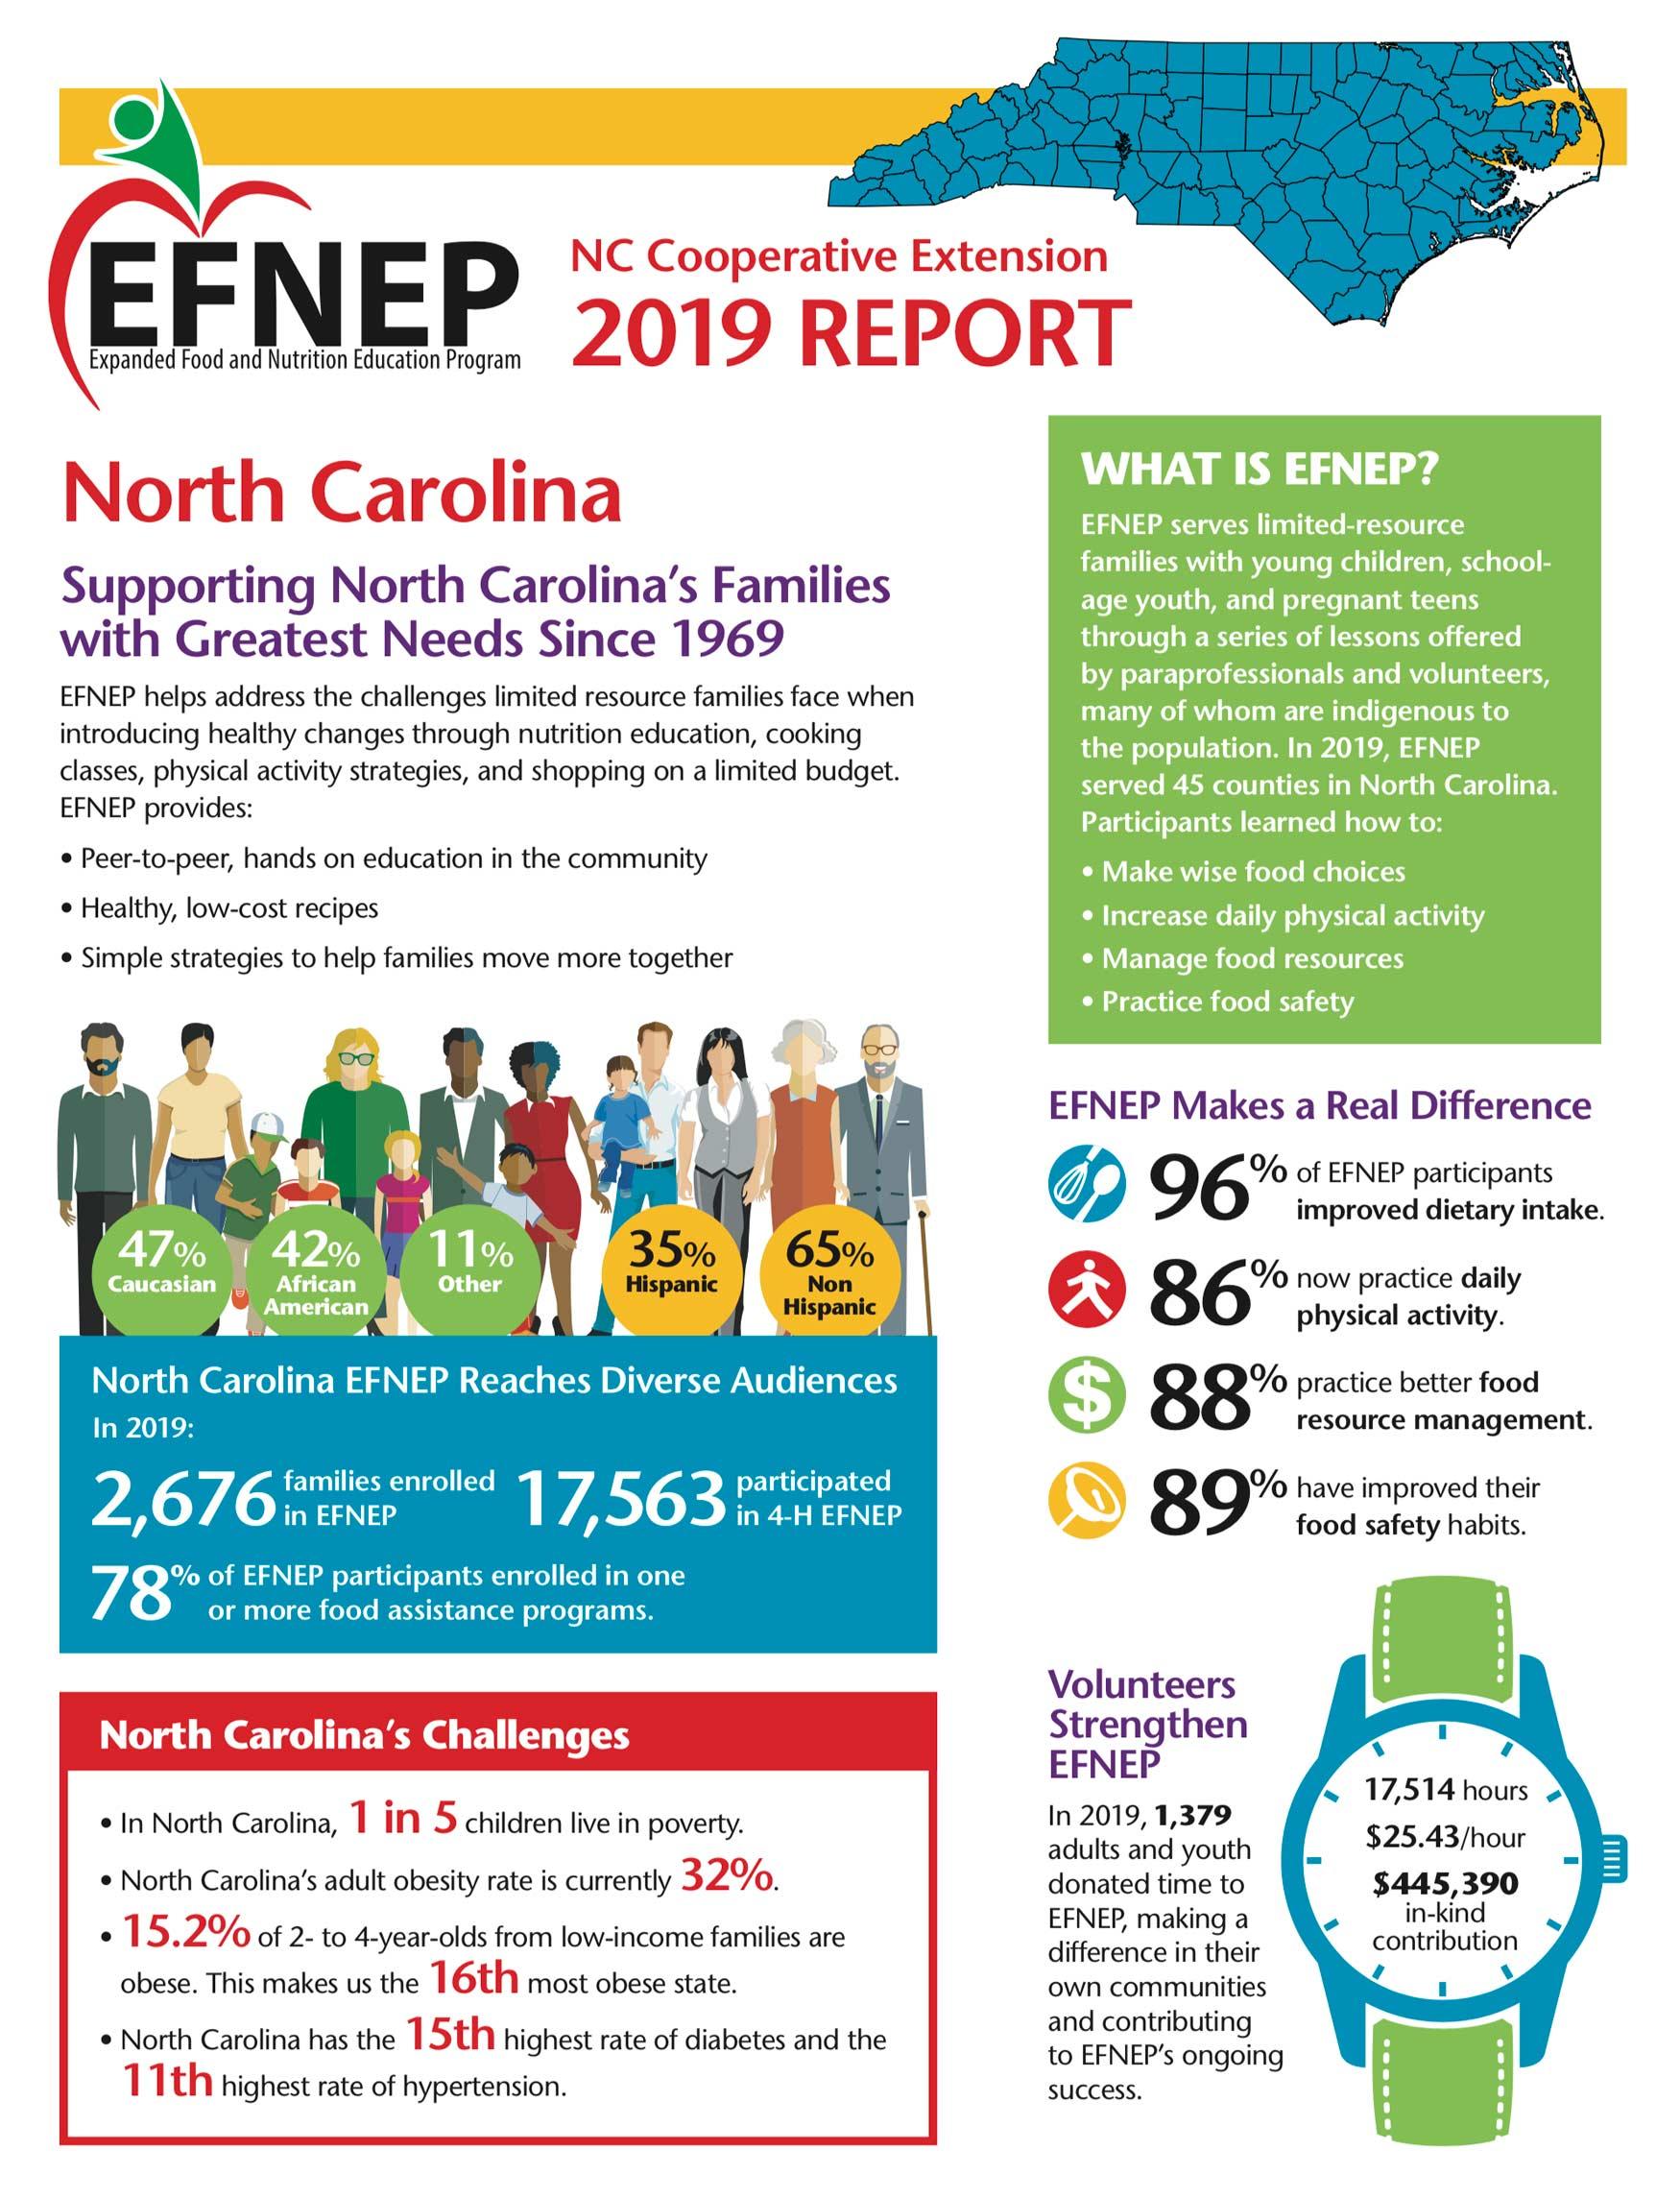 EFNEP 2019 Report